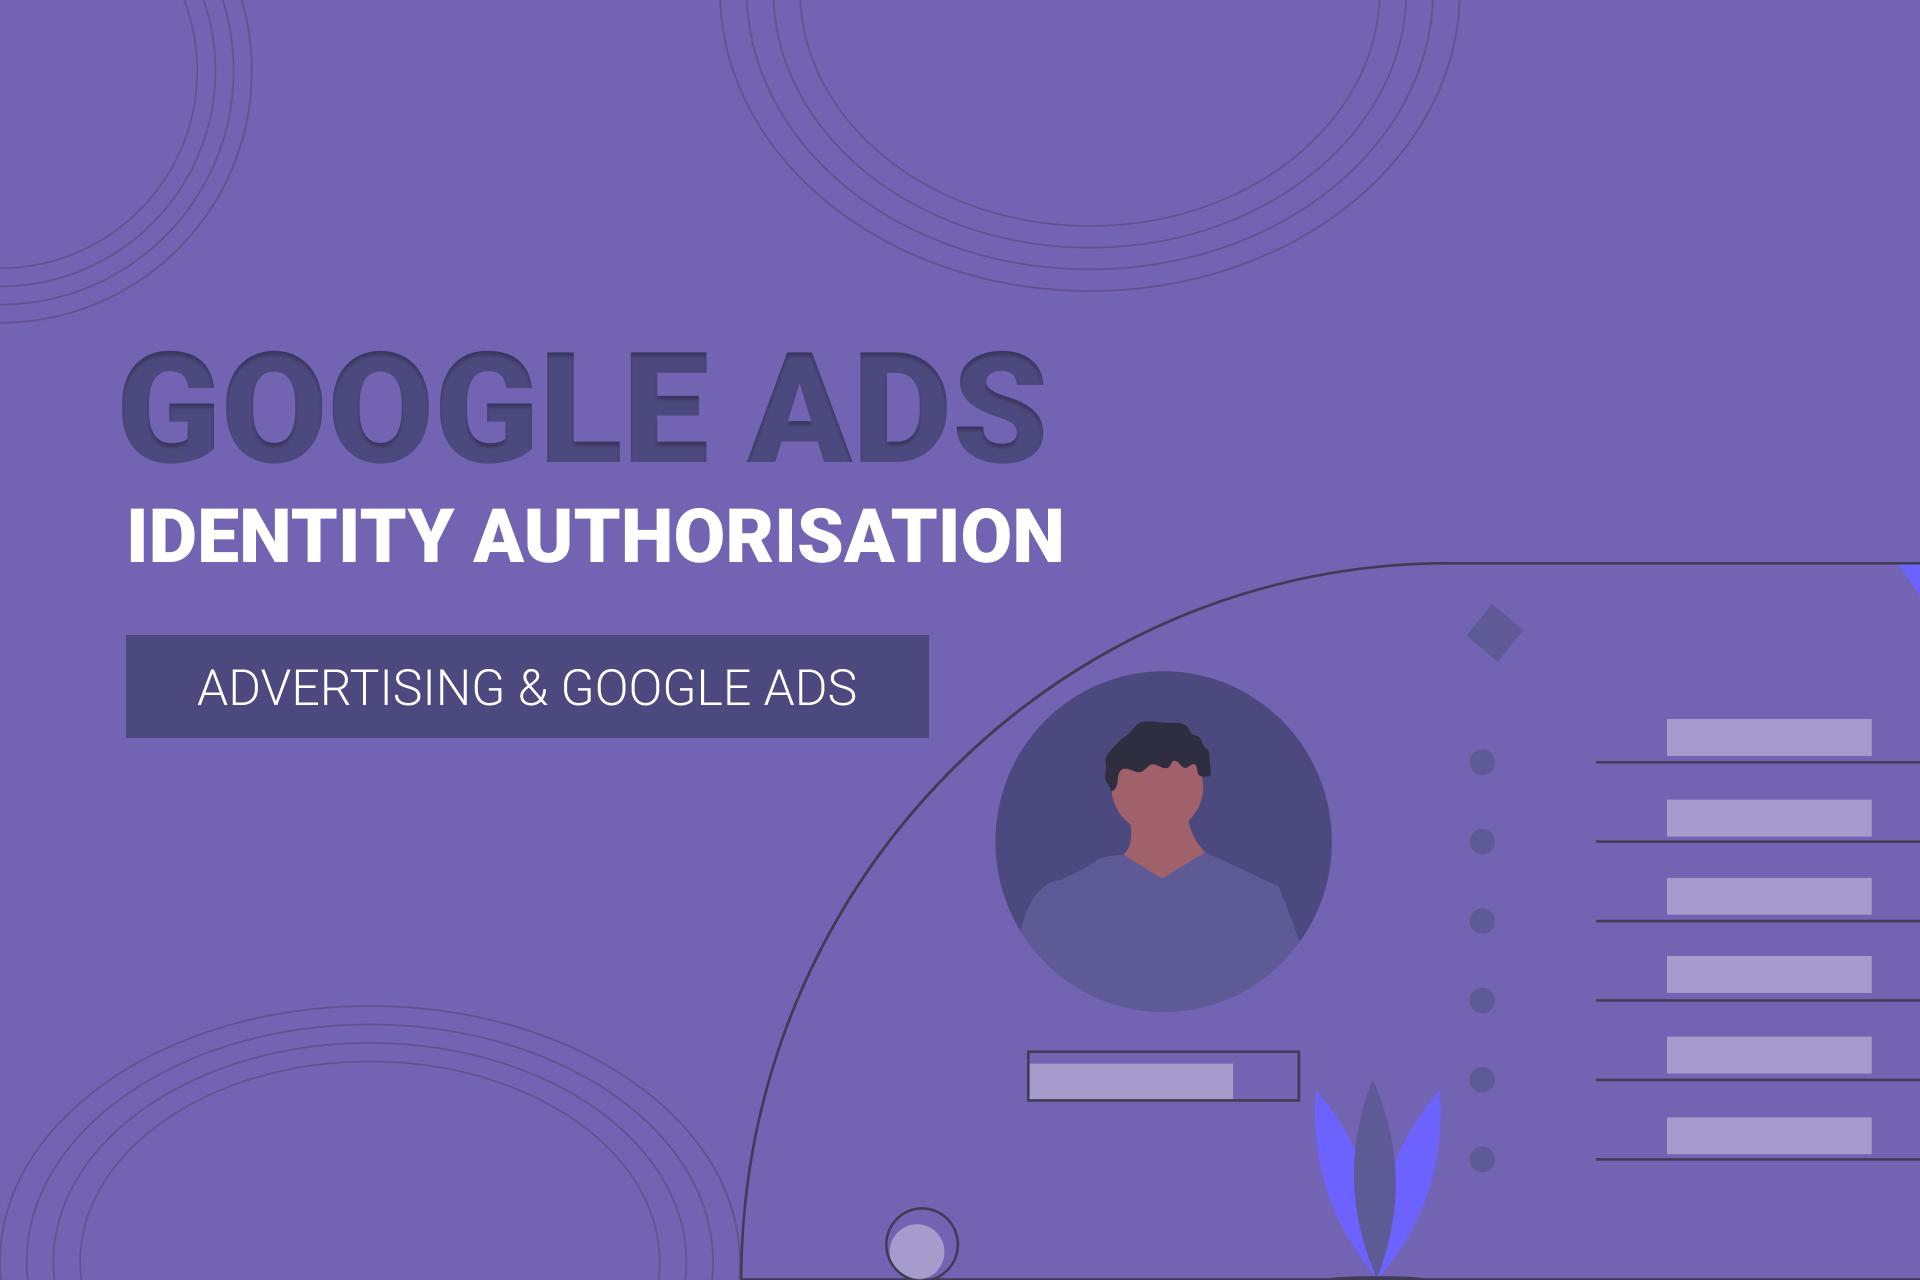 Google Ads Identity Authorisation